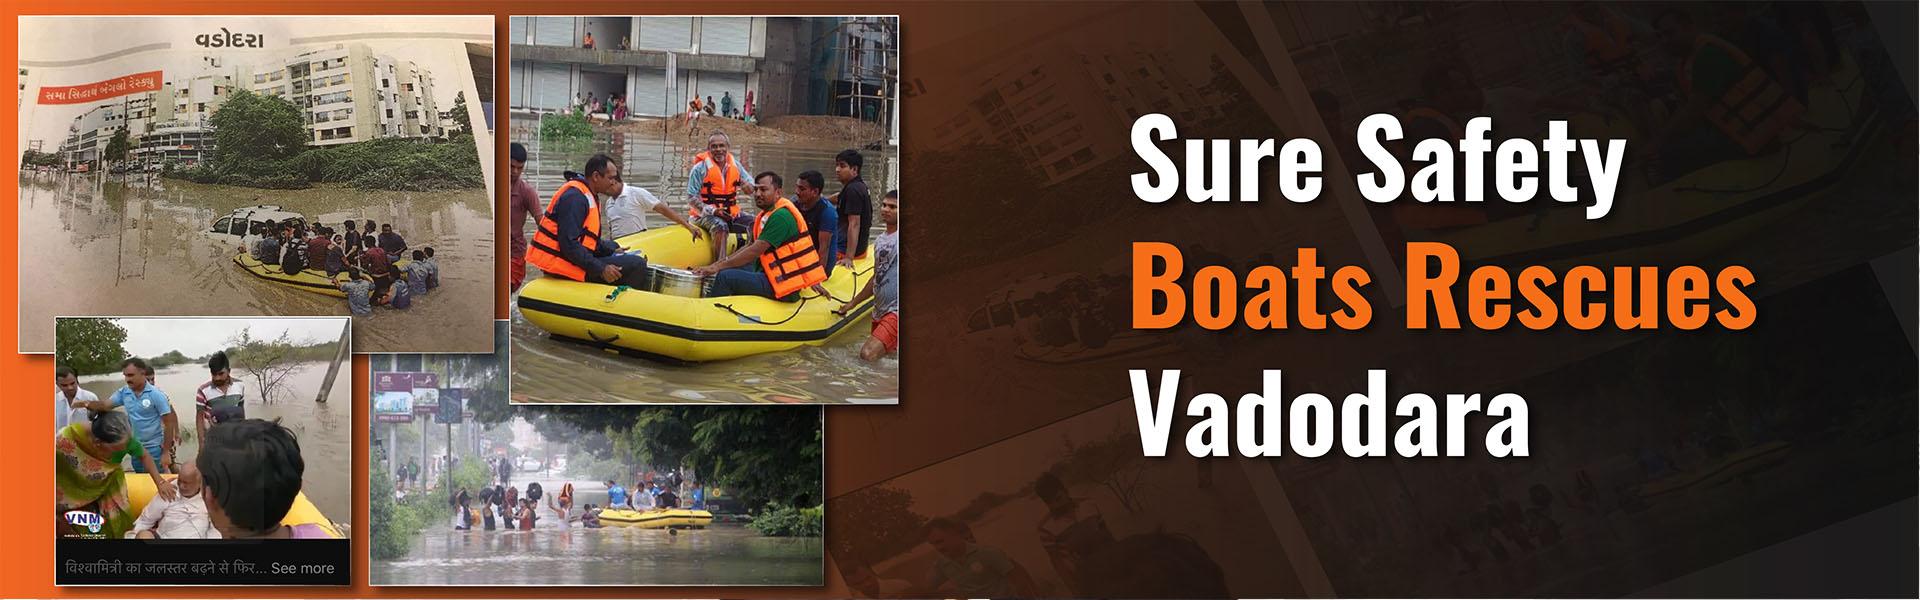 boats rescue Vadodara